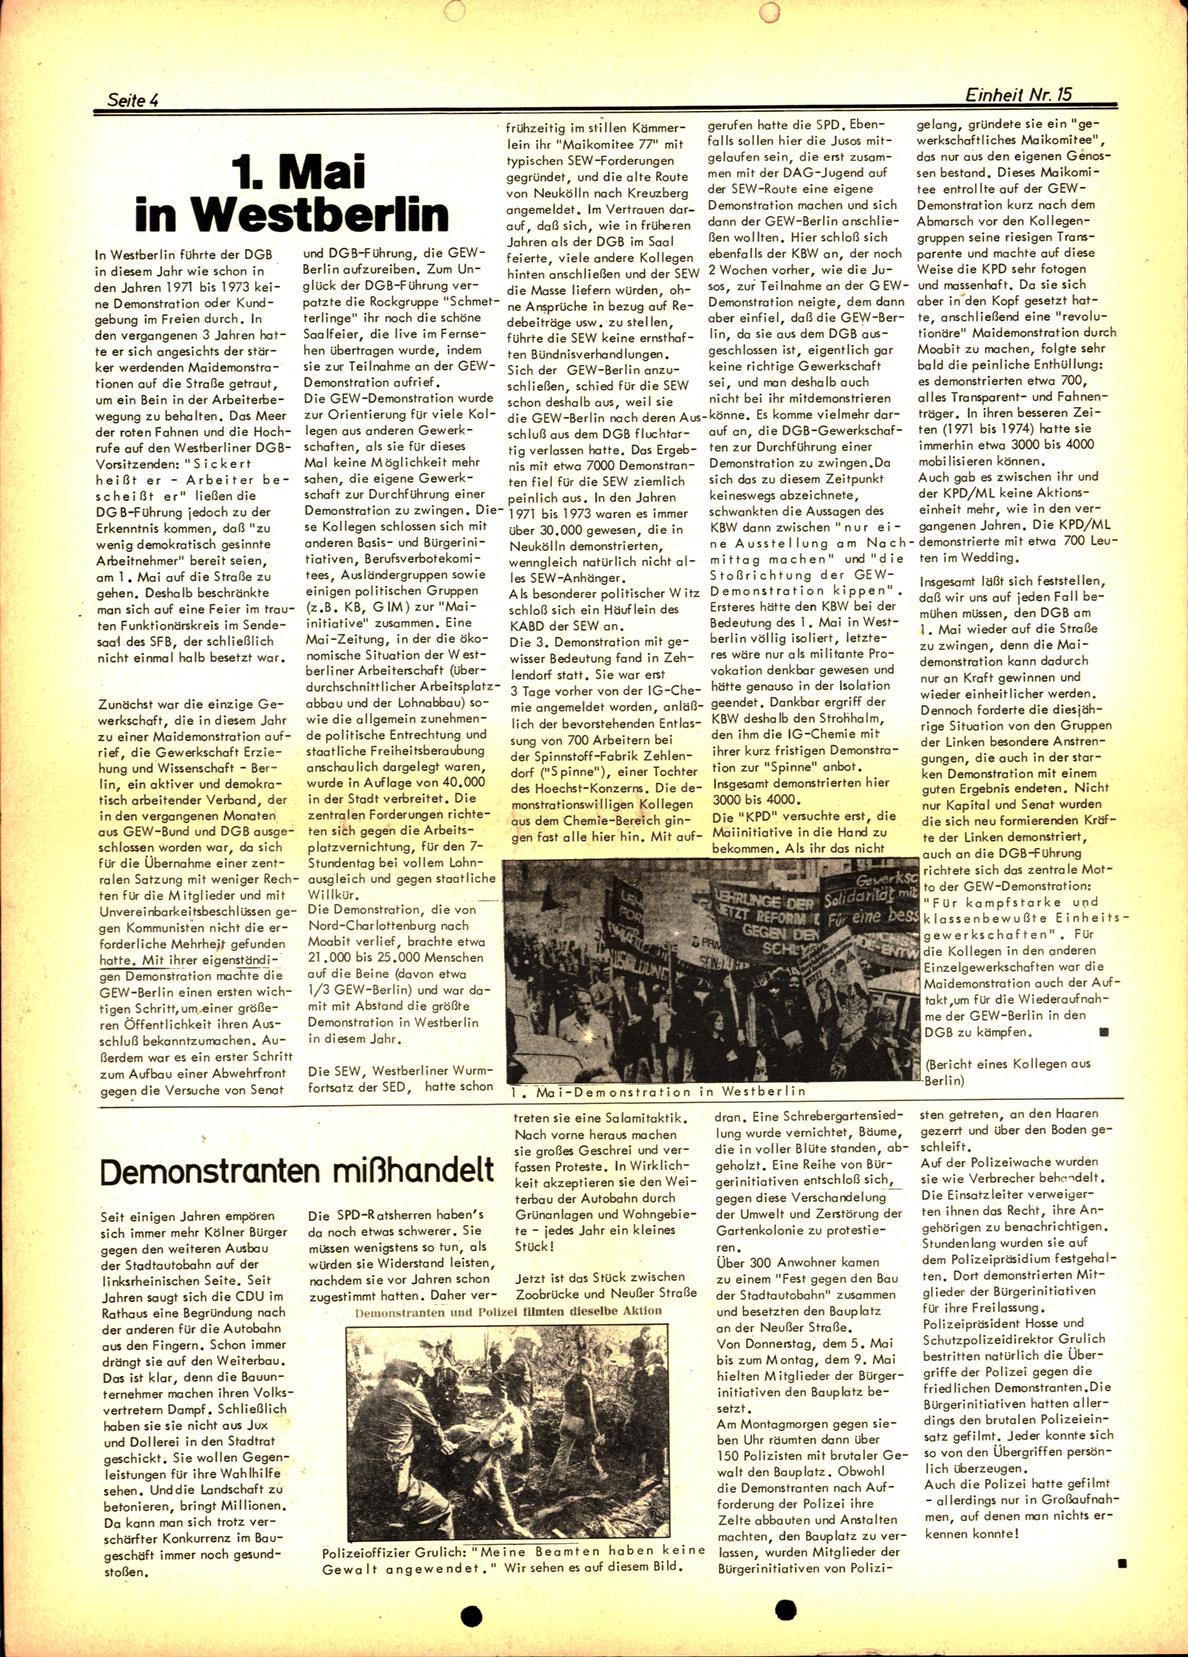 Koeln_IPdA_Einheit_1977_015_004